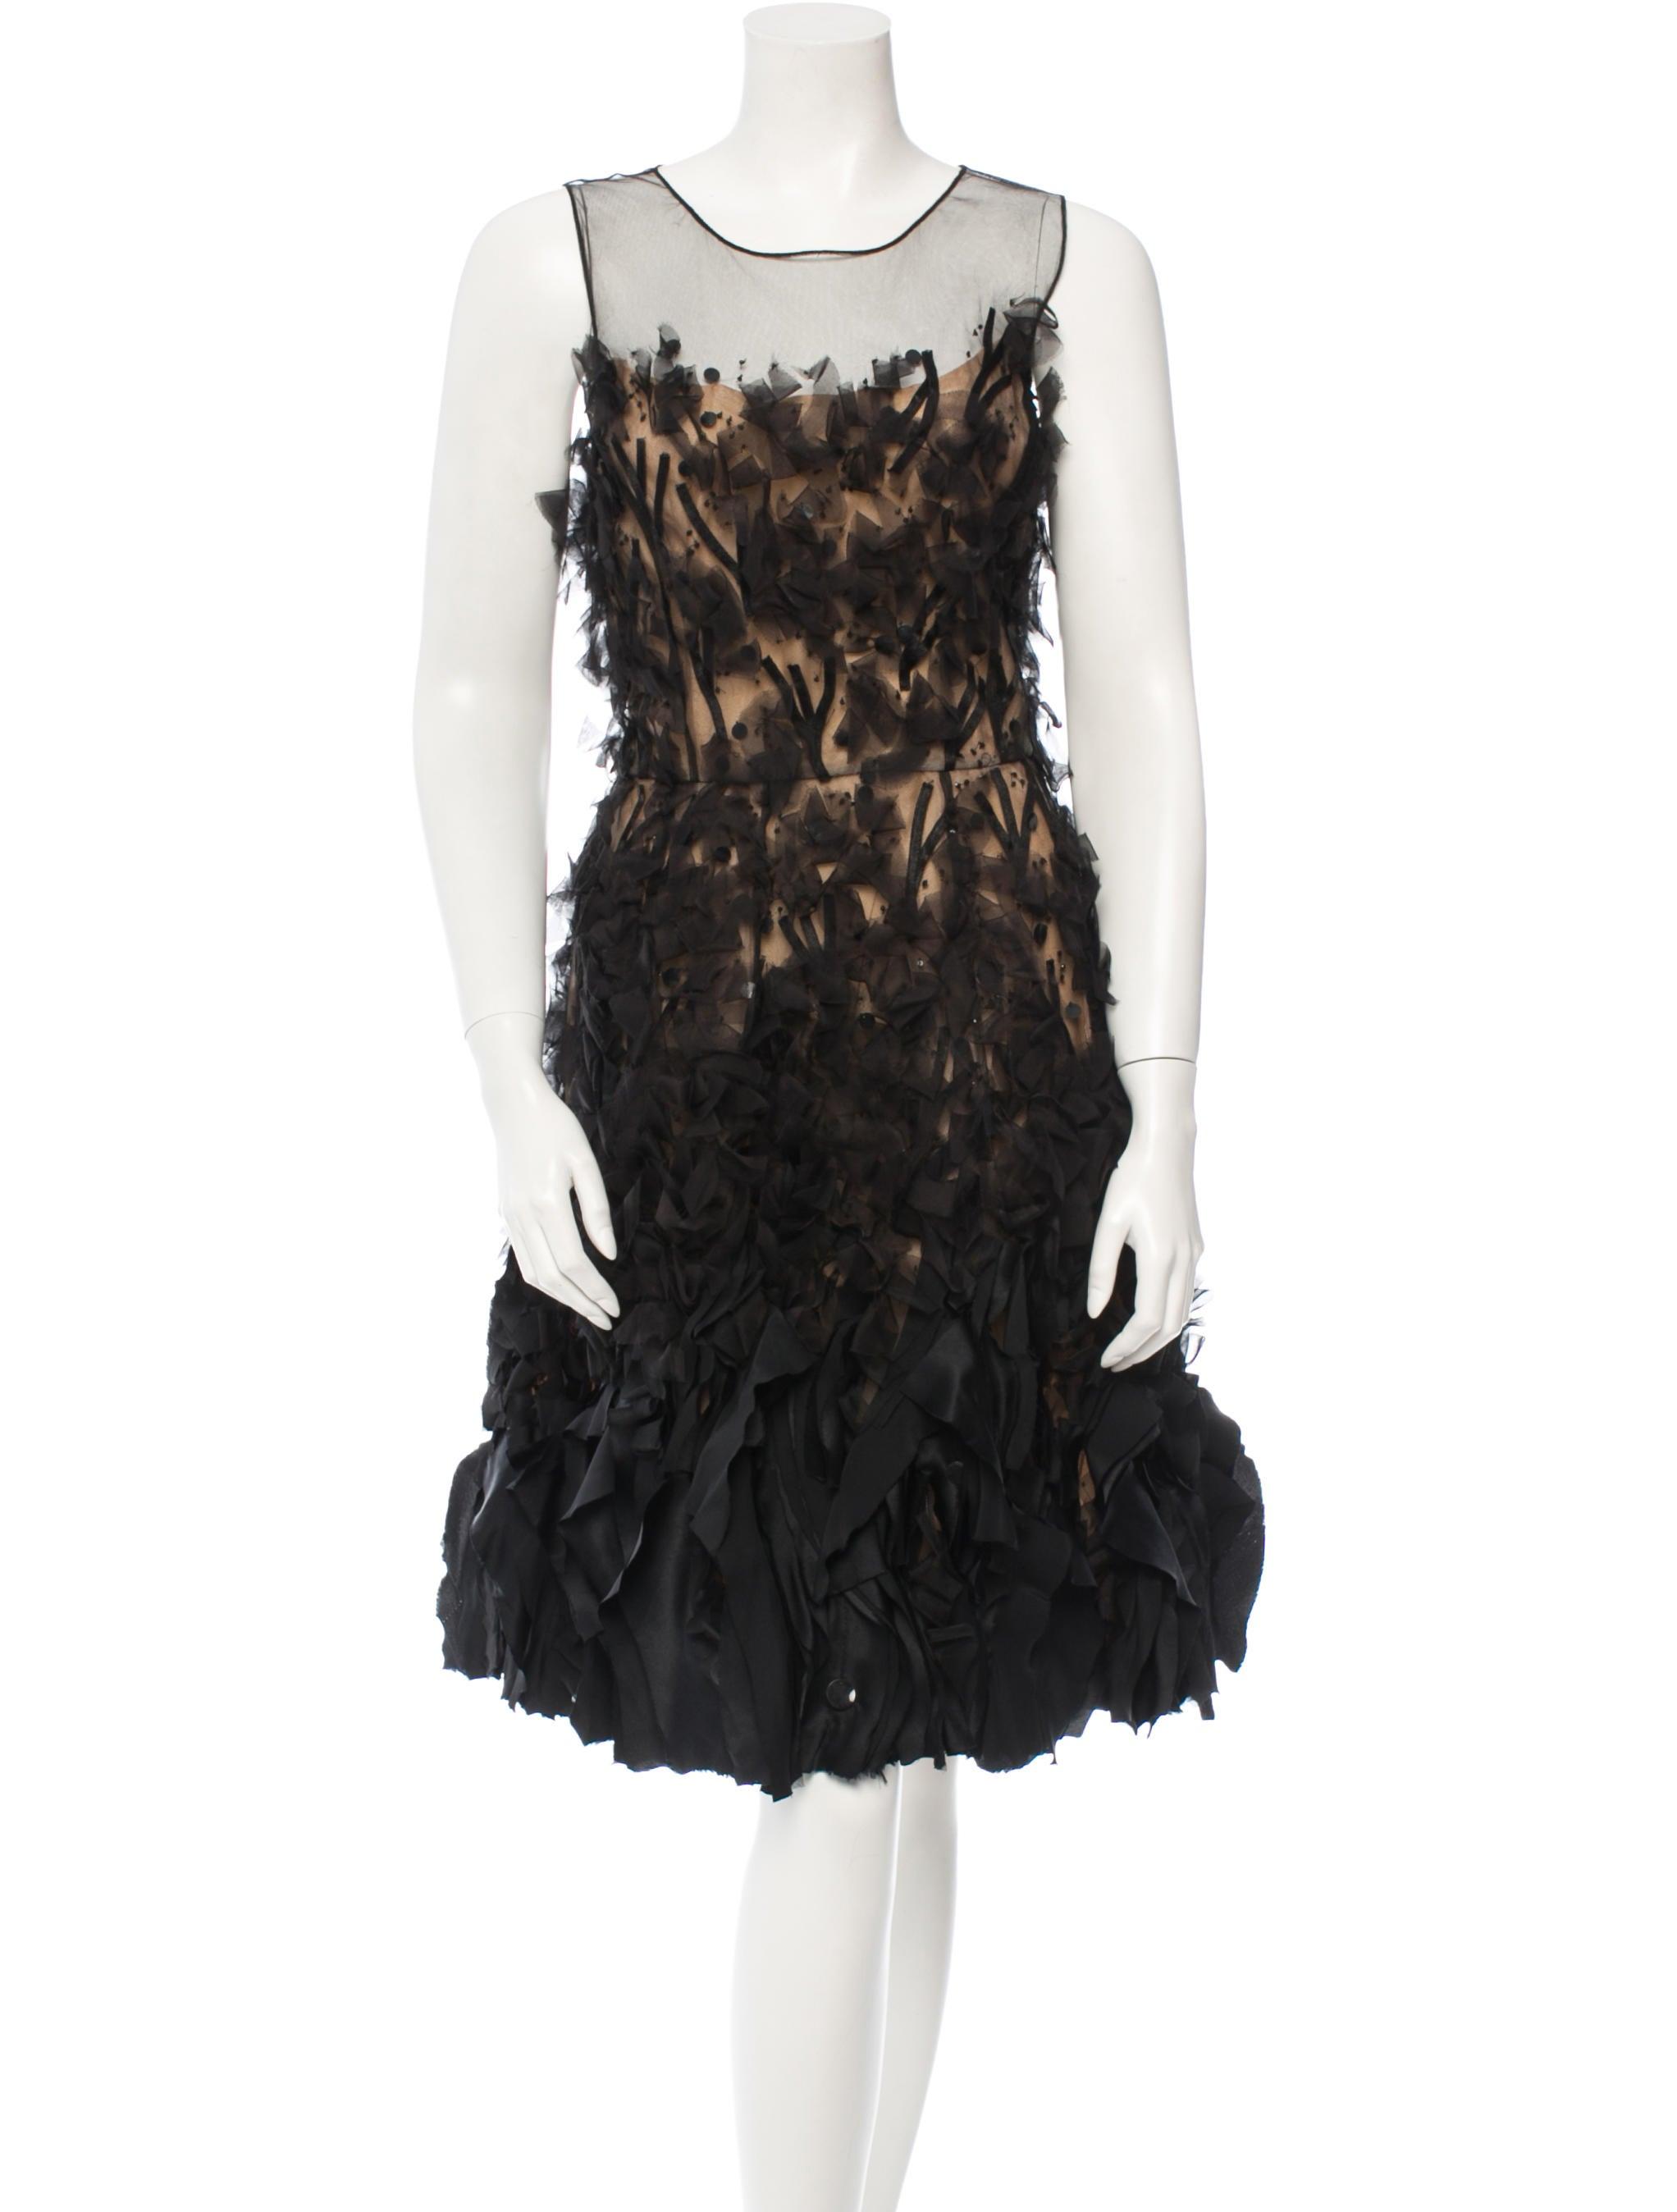 Oscar de la renta dress w tags clothing osc34504 for Oscar de la renta candles